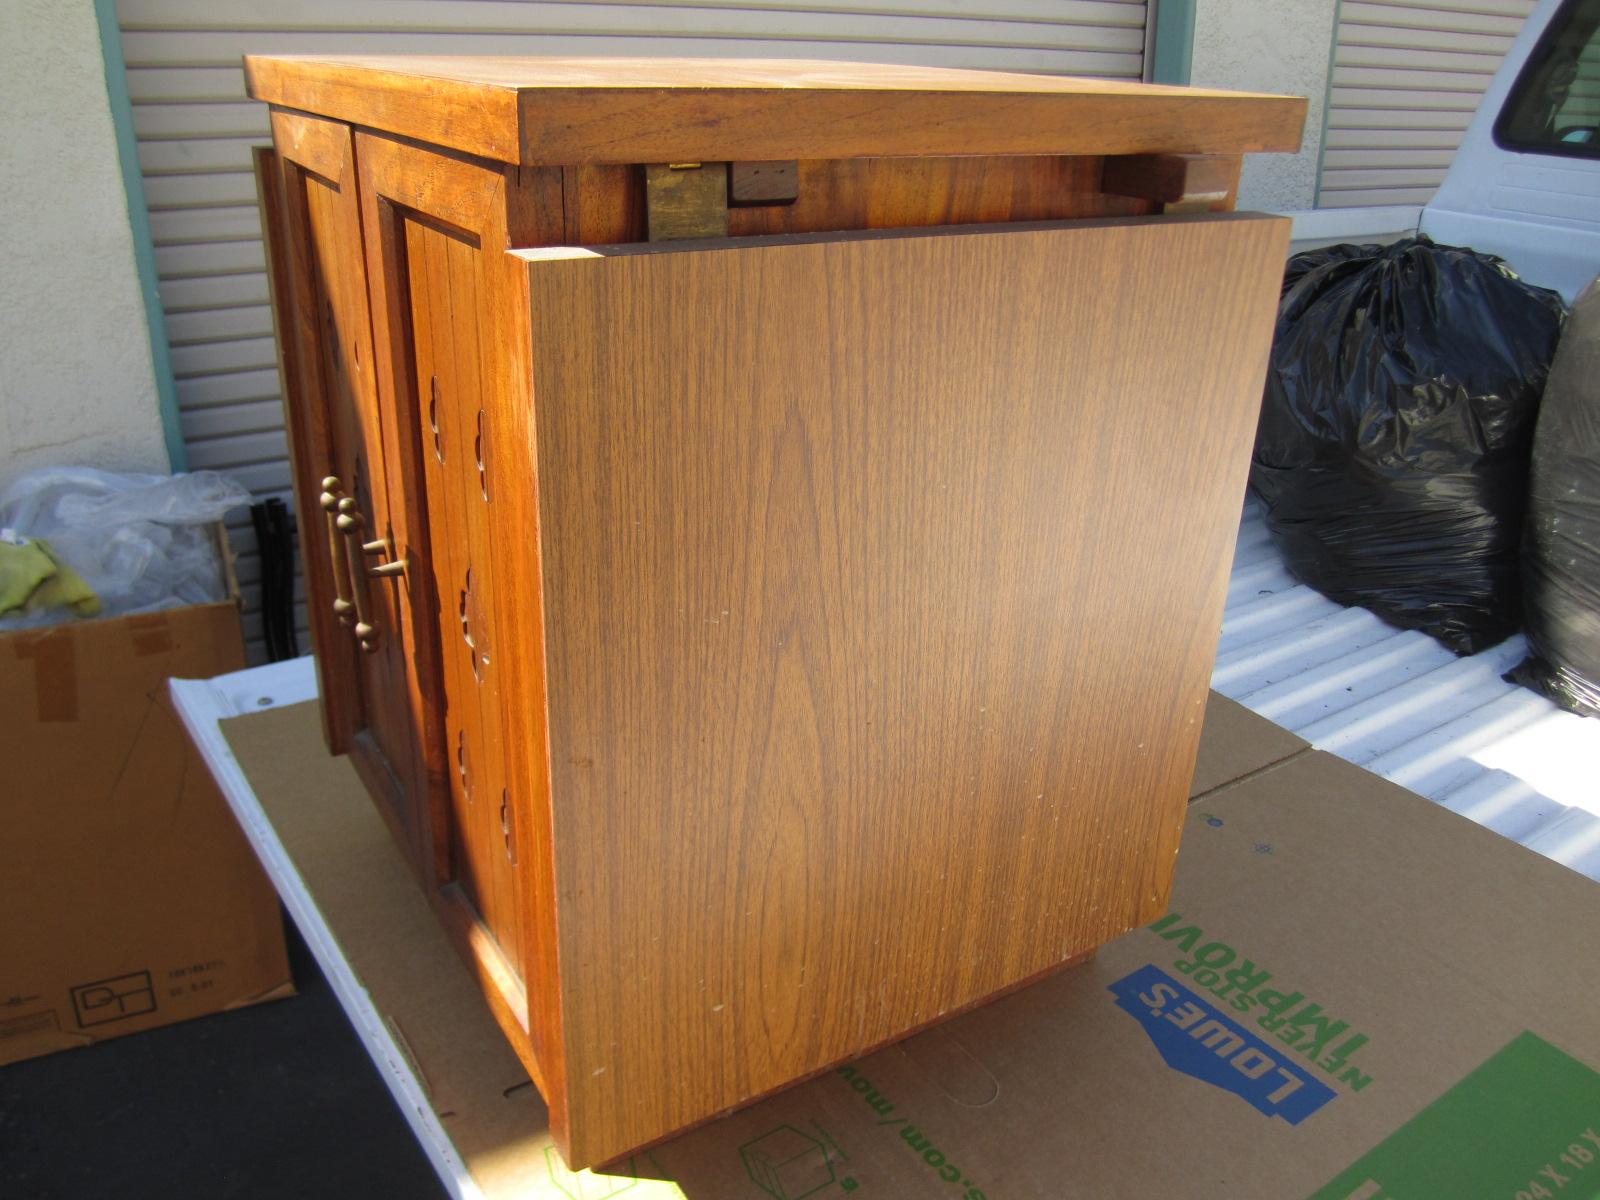 Antique Vintage Wood Cabinet Shelf Extendable Expandable Top Table ...